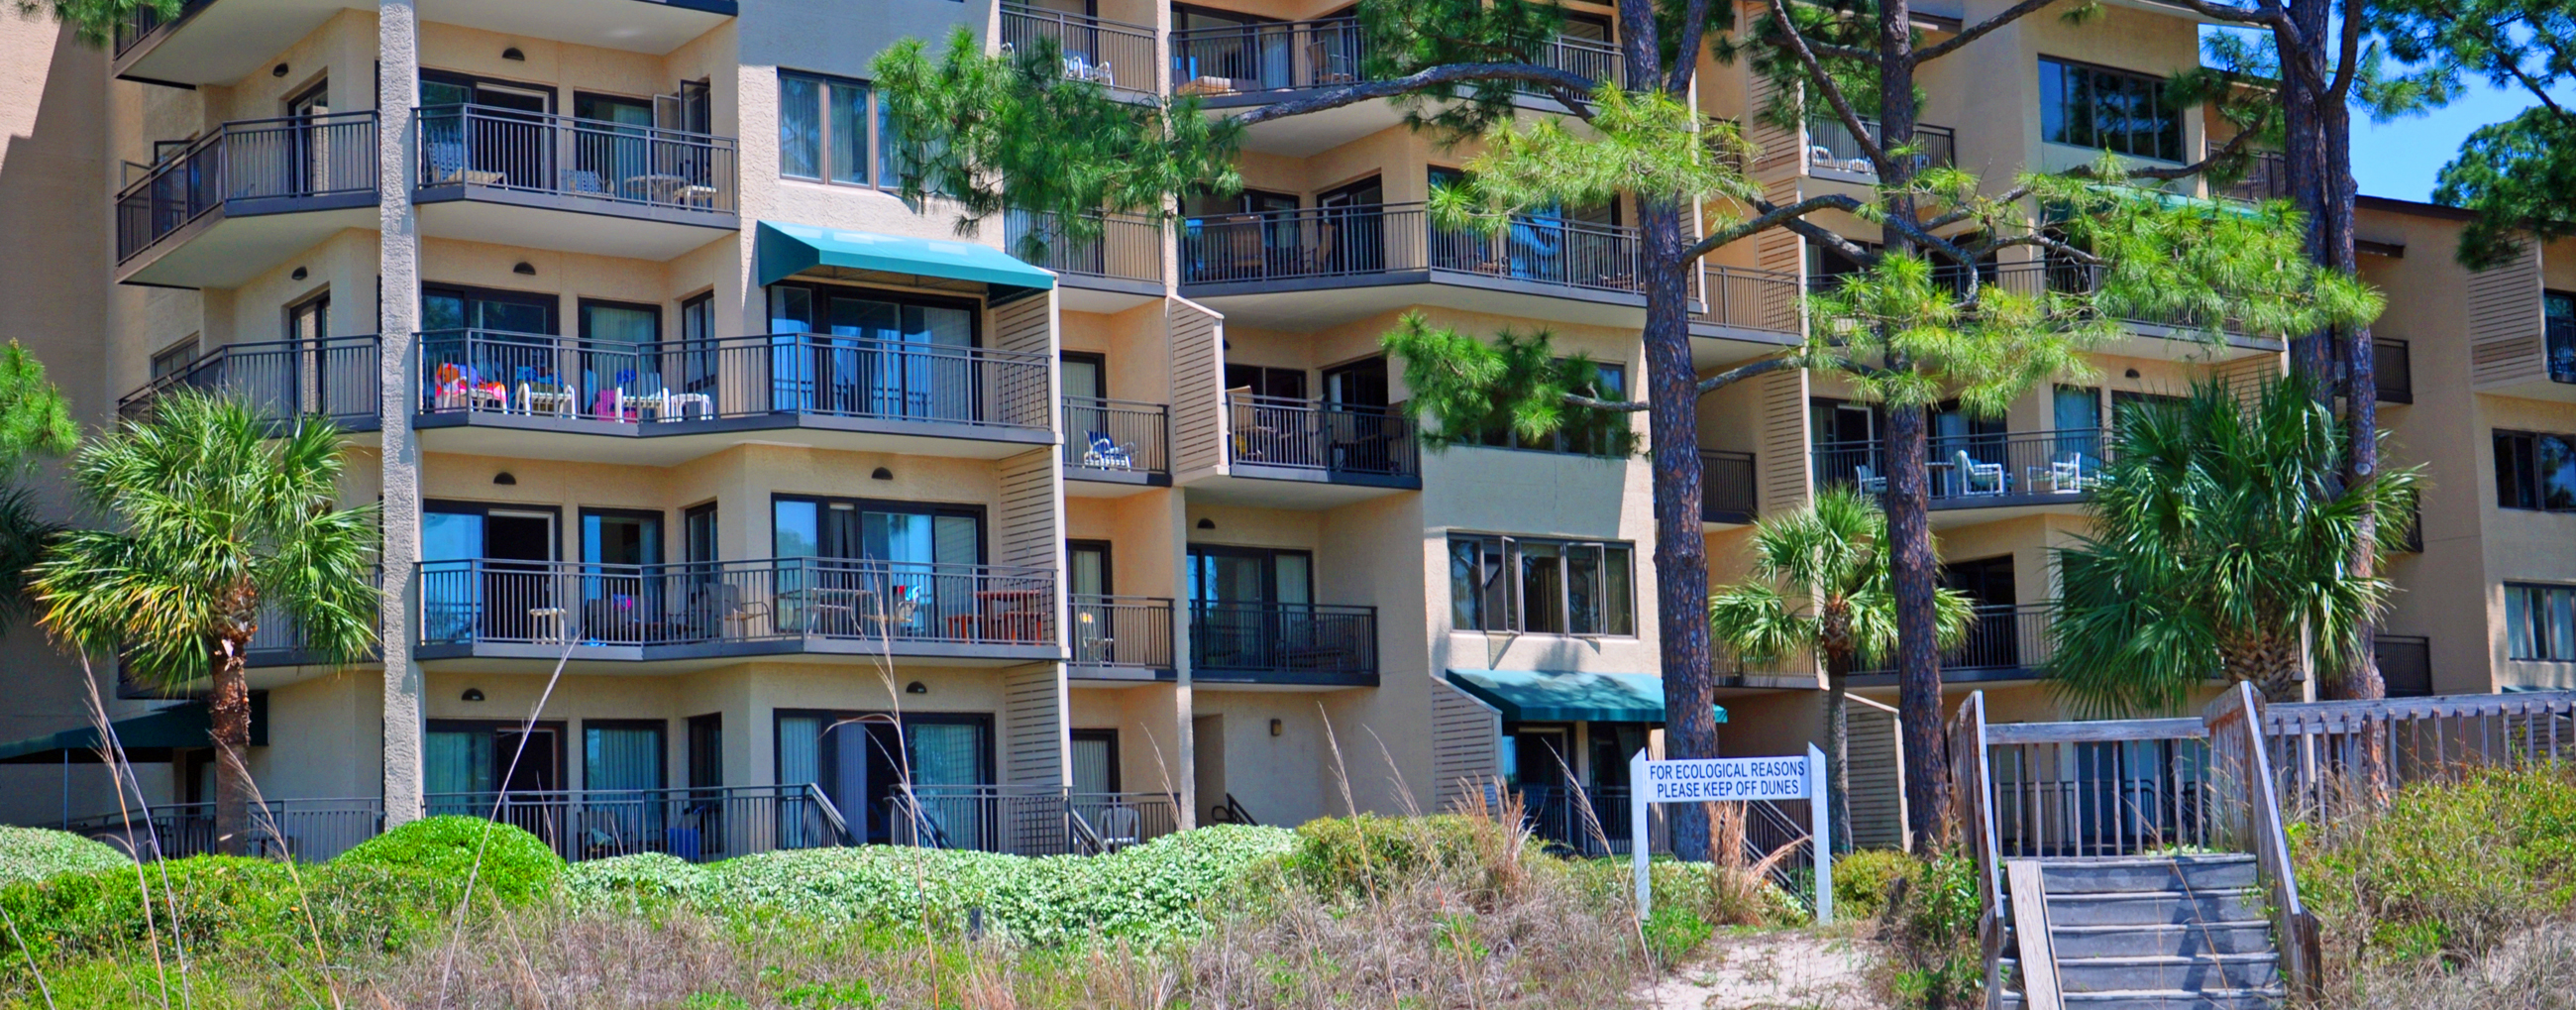 Beach Lagoon Villas Hilton Head